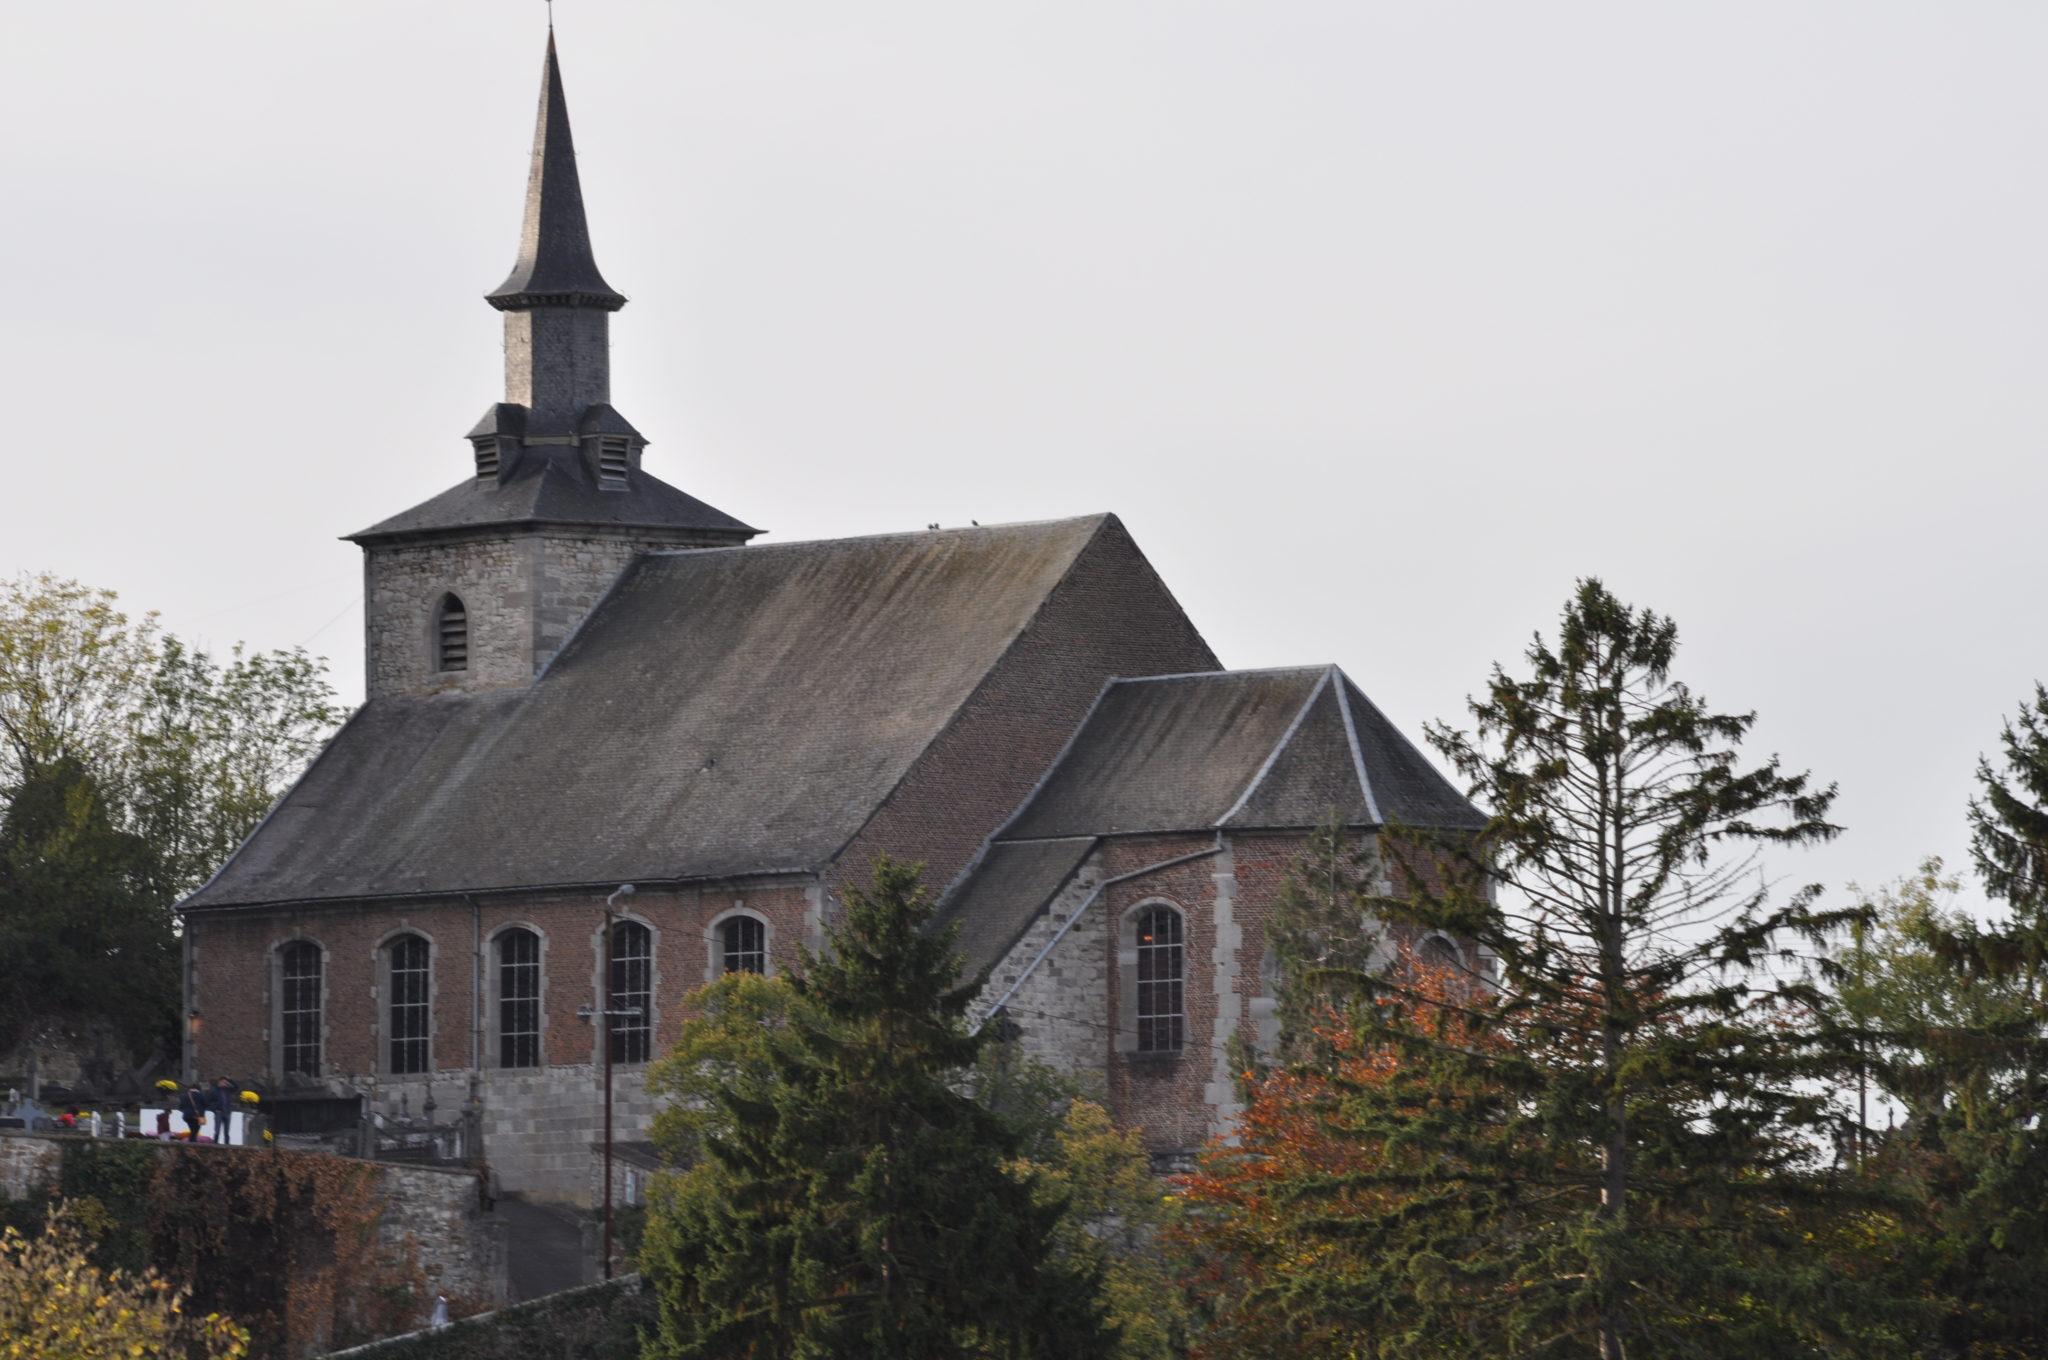 Balade_Tour_Abbaye_89